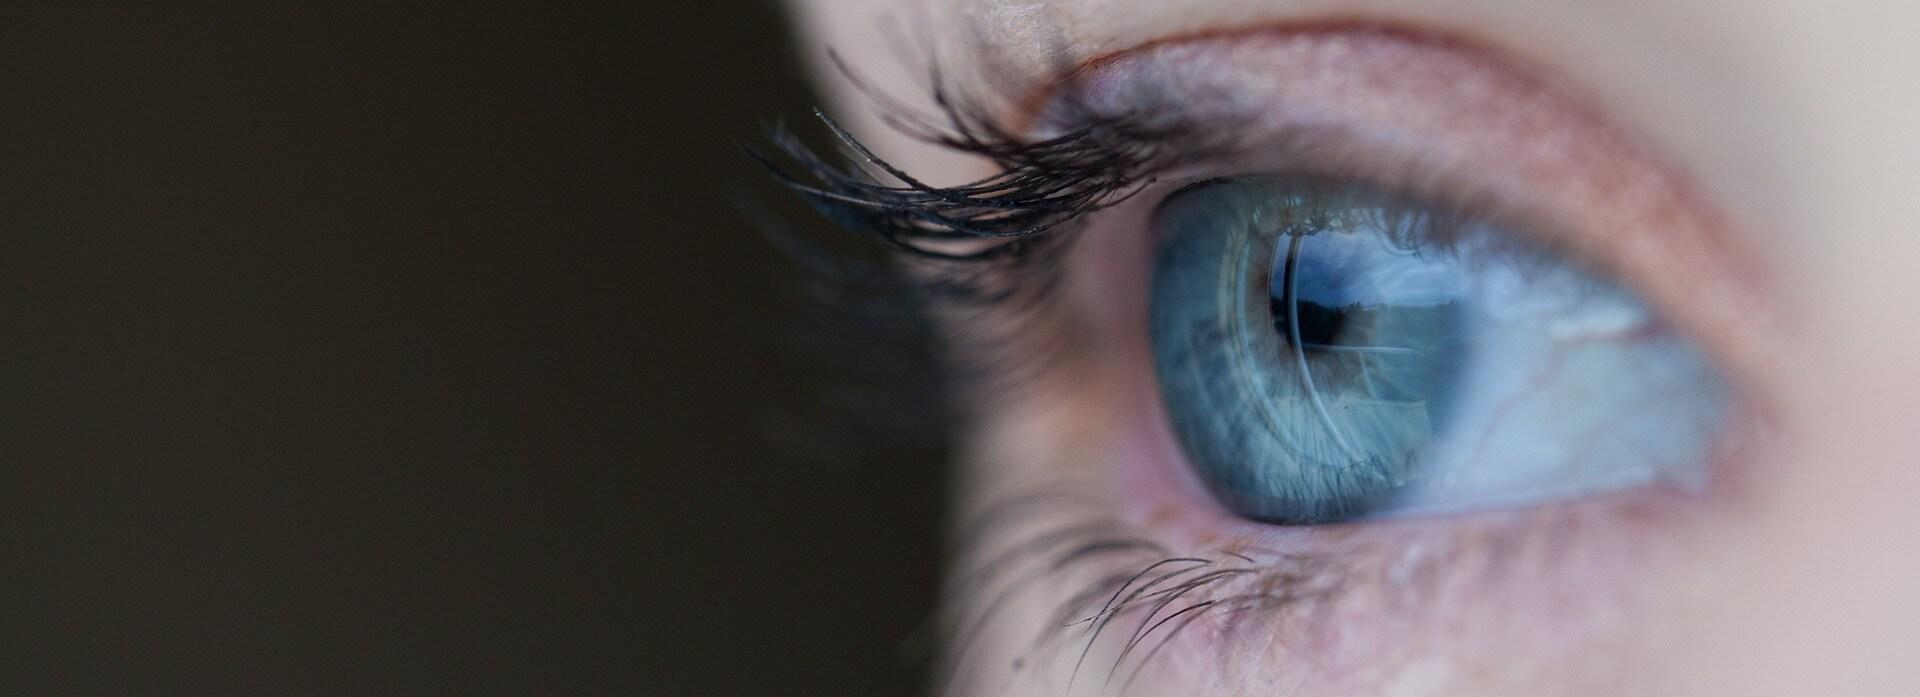 zwevende vlekken oog